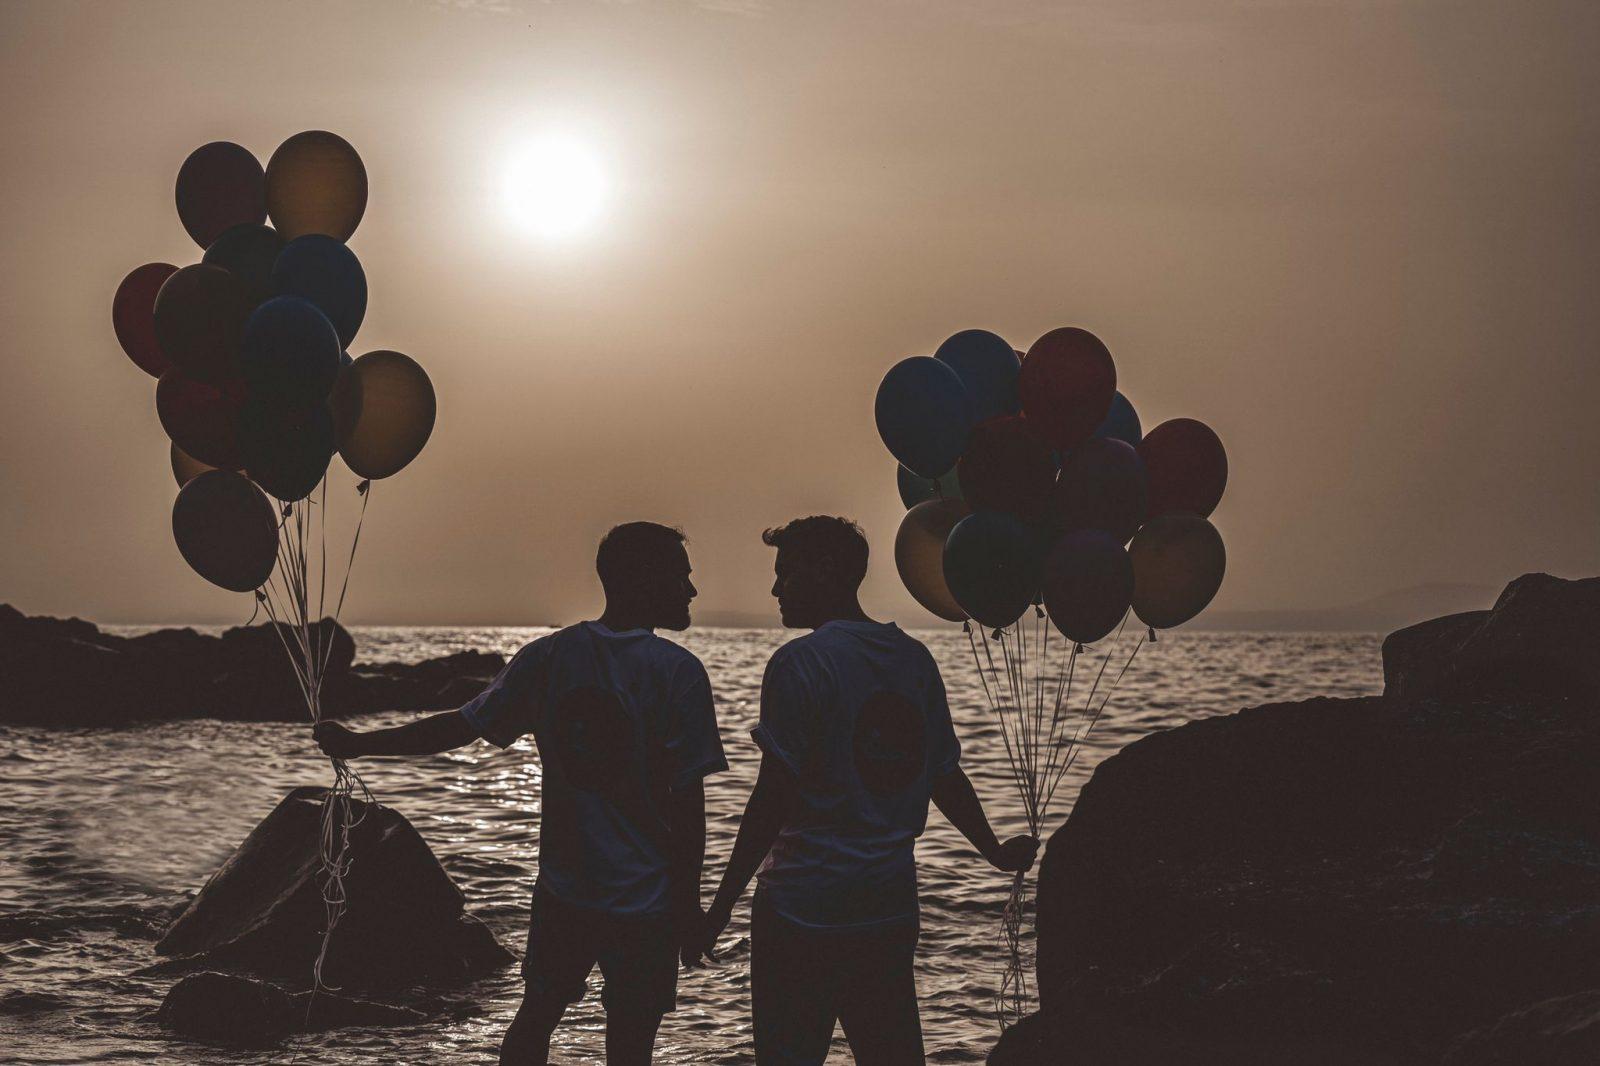 Matrimonio gay: l'amore più forte dei pregiudizi. La storia di Luca e Giovanni